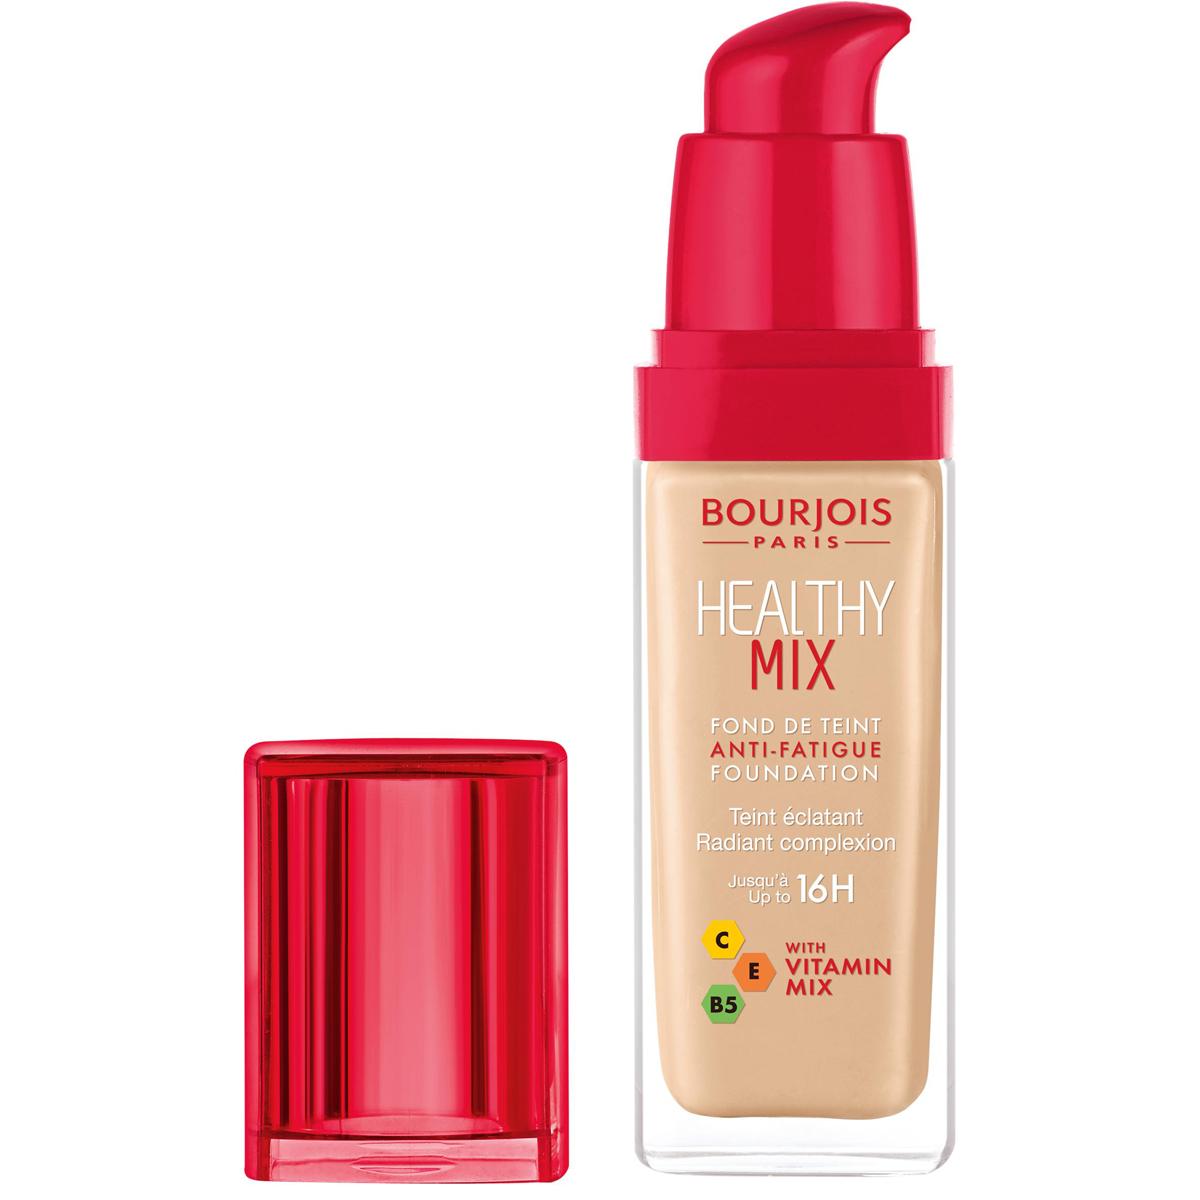 Bourjois Консилер Healthy Mix, Тон 5229199598002Healthy Mix Concealer содержит антиоксиданты, мощный витаминный комплекс и тонизирующие компоненты, которые скрывают следы усталости и придают сияние Вашей коже.Уважаемые клиенты! Обращаем ваше внимание на возможные изменения в дизайне упаковки. Качественные характеристики товара остаются неизменными. Поставка осуществляется в зависимости от наличия на складе.